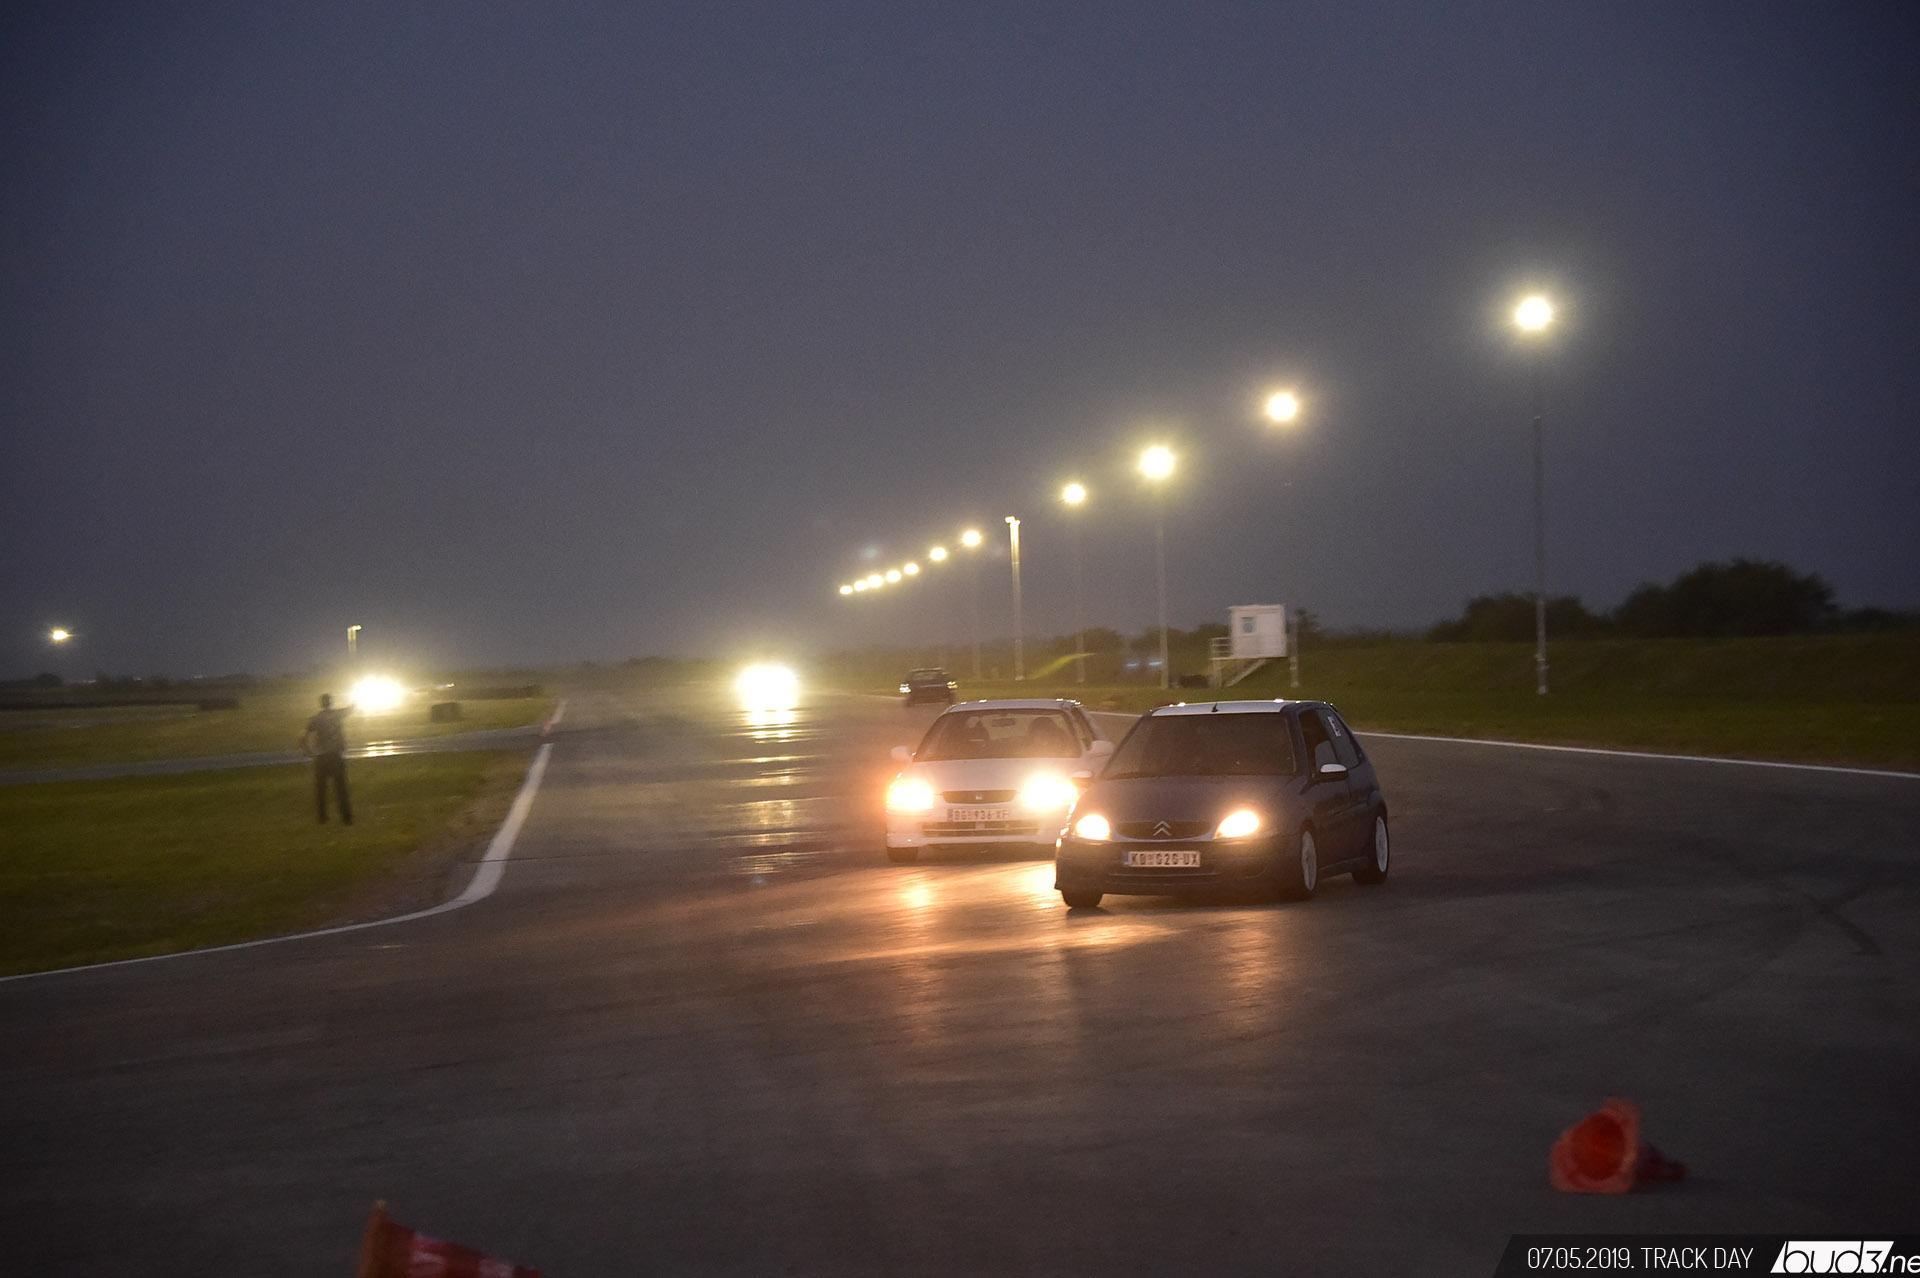 Bud3 Track Day - Jul - Večernji termin